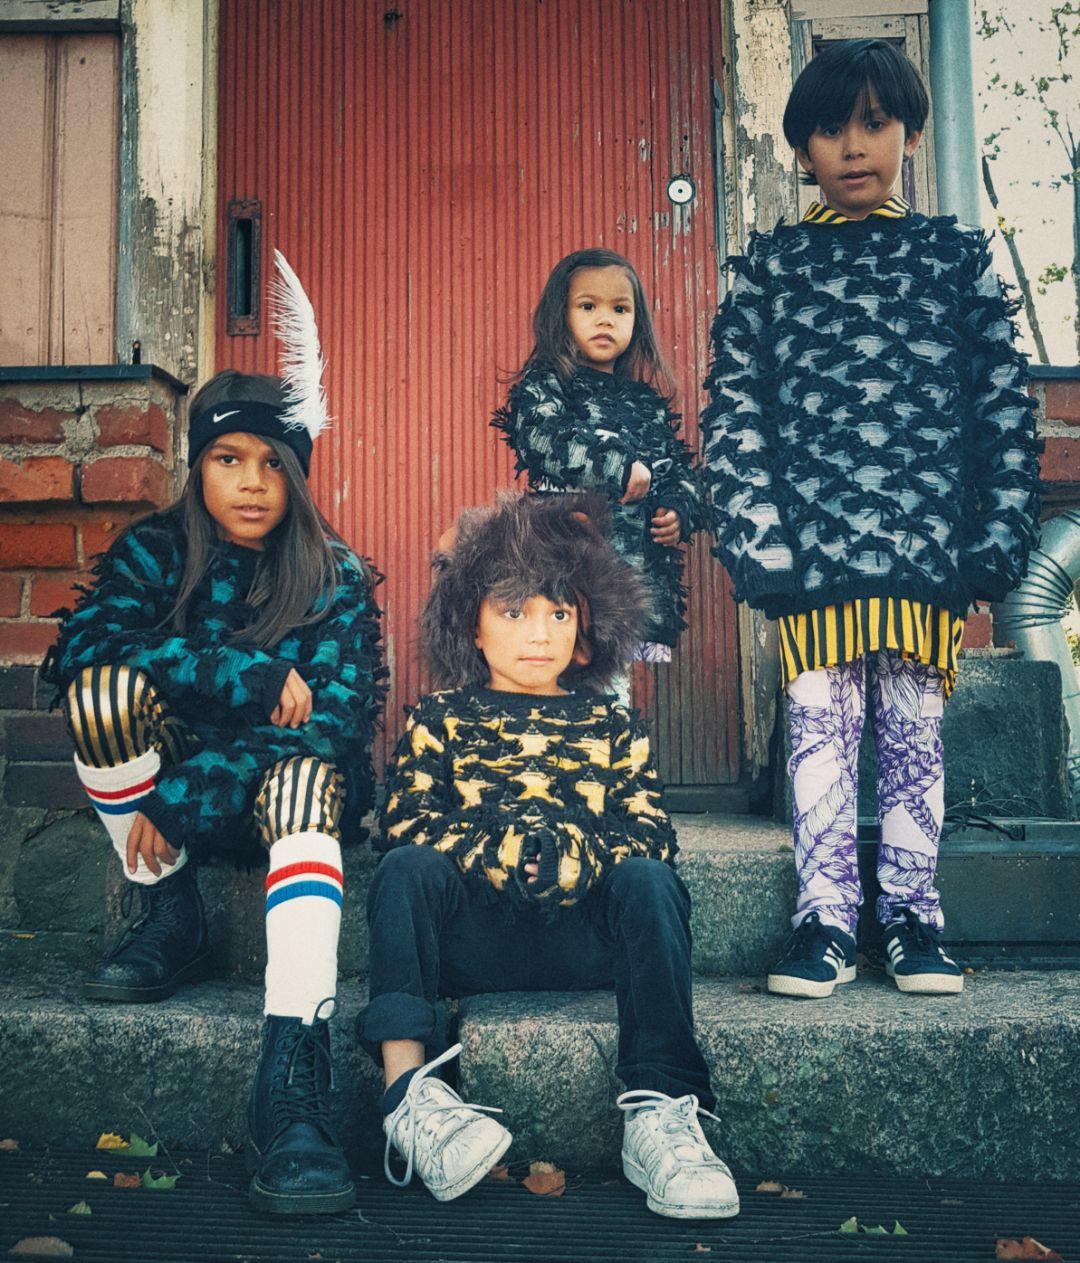 Vimma Knitwear TALVIKKI Narcissus-Pearl pink 90-160 cm - 90-160 cm, Knitwear, Narcissus-Pearl pink, TALVIKKI